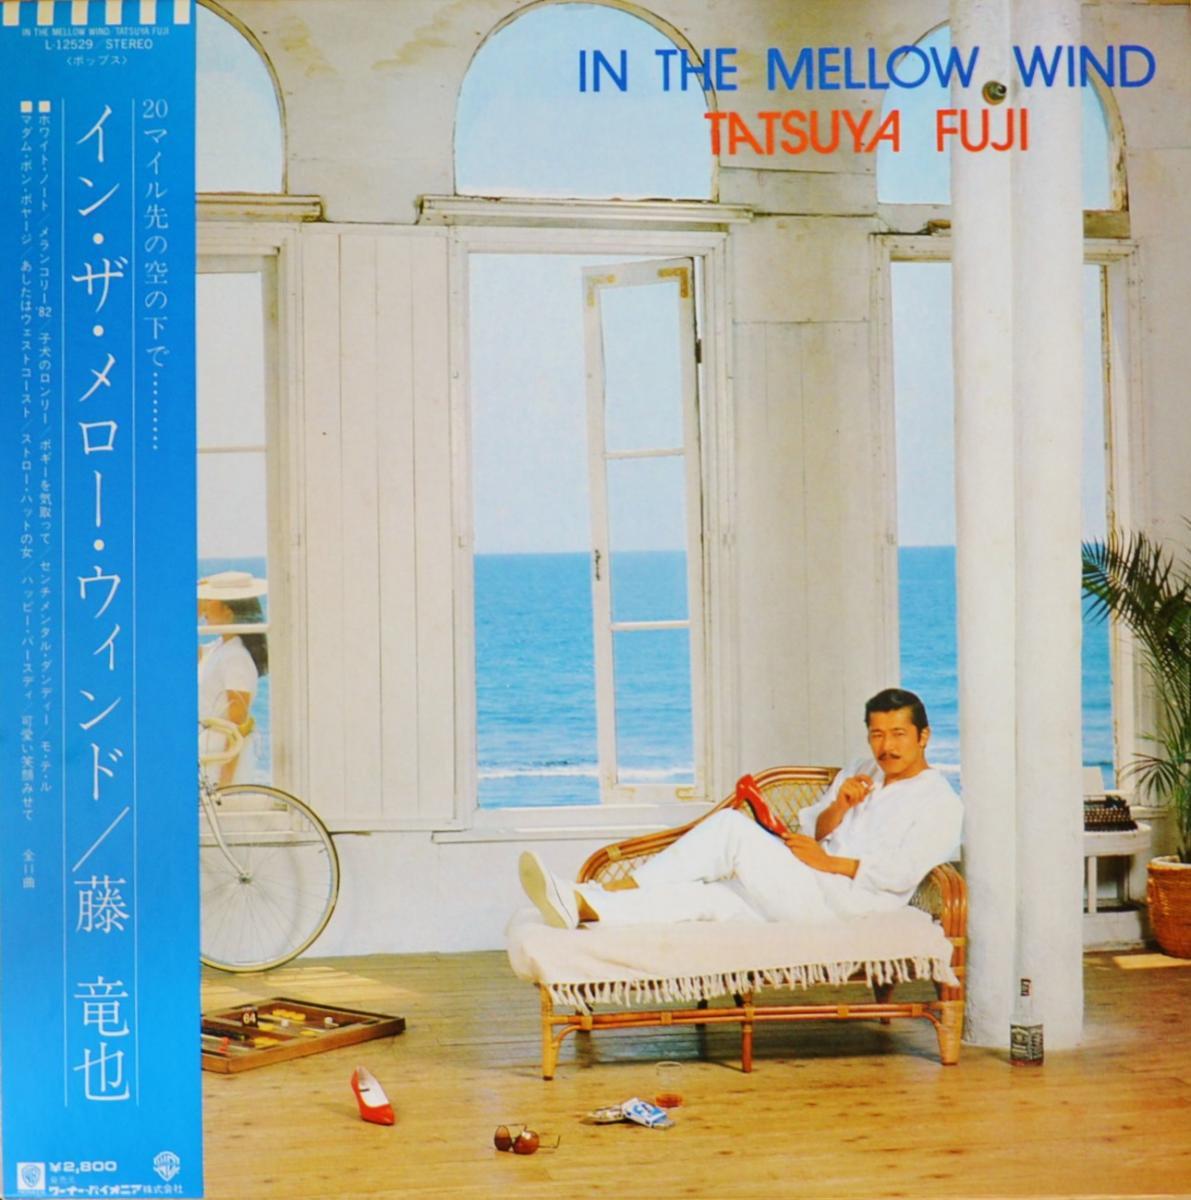 藤竜也 TATSUYA FUJI / イン・ザ・メロー・ウィンド IN THE MELLOW WIND (LP)